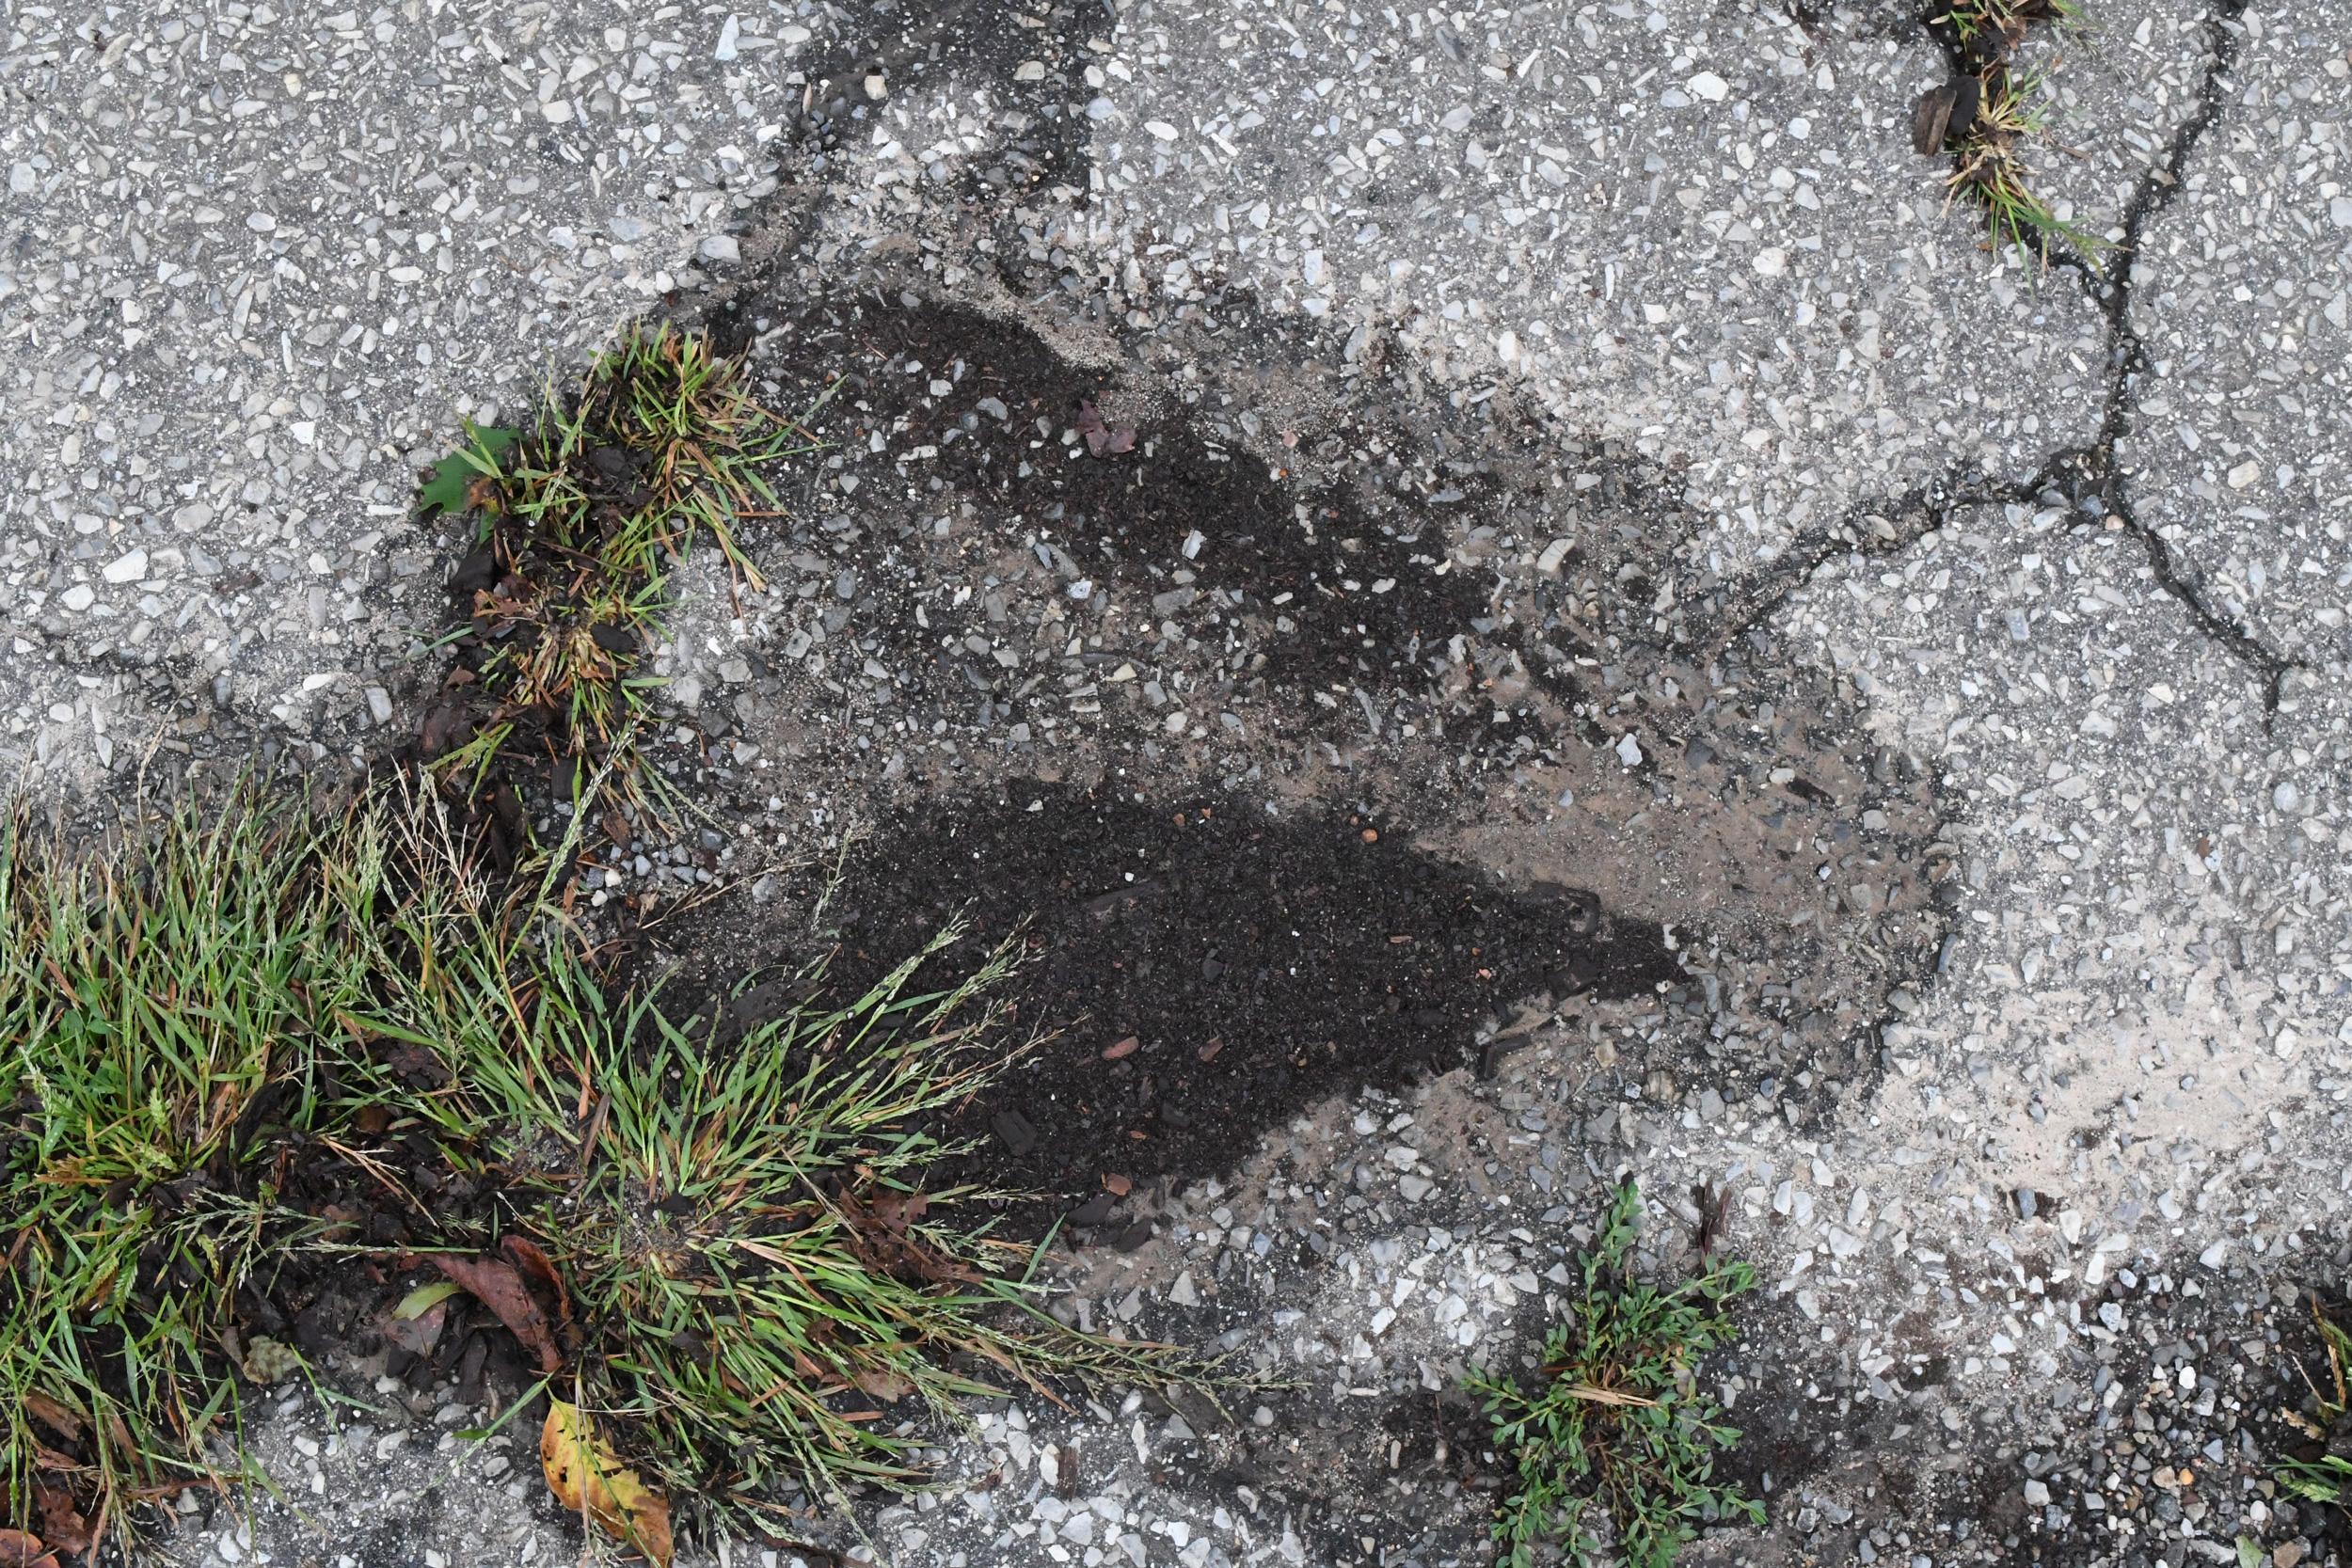 Debris left after rainwater, Prospect Park